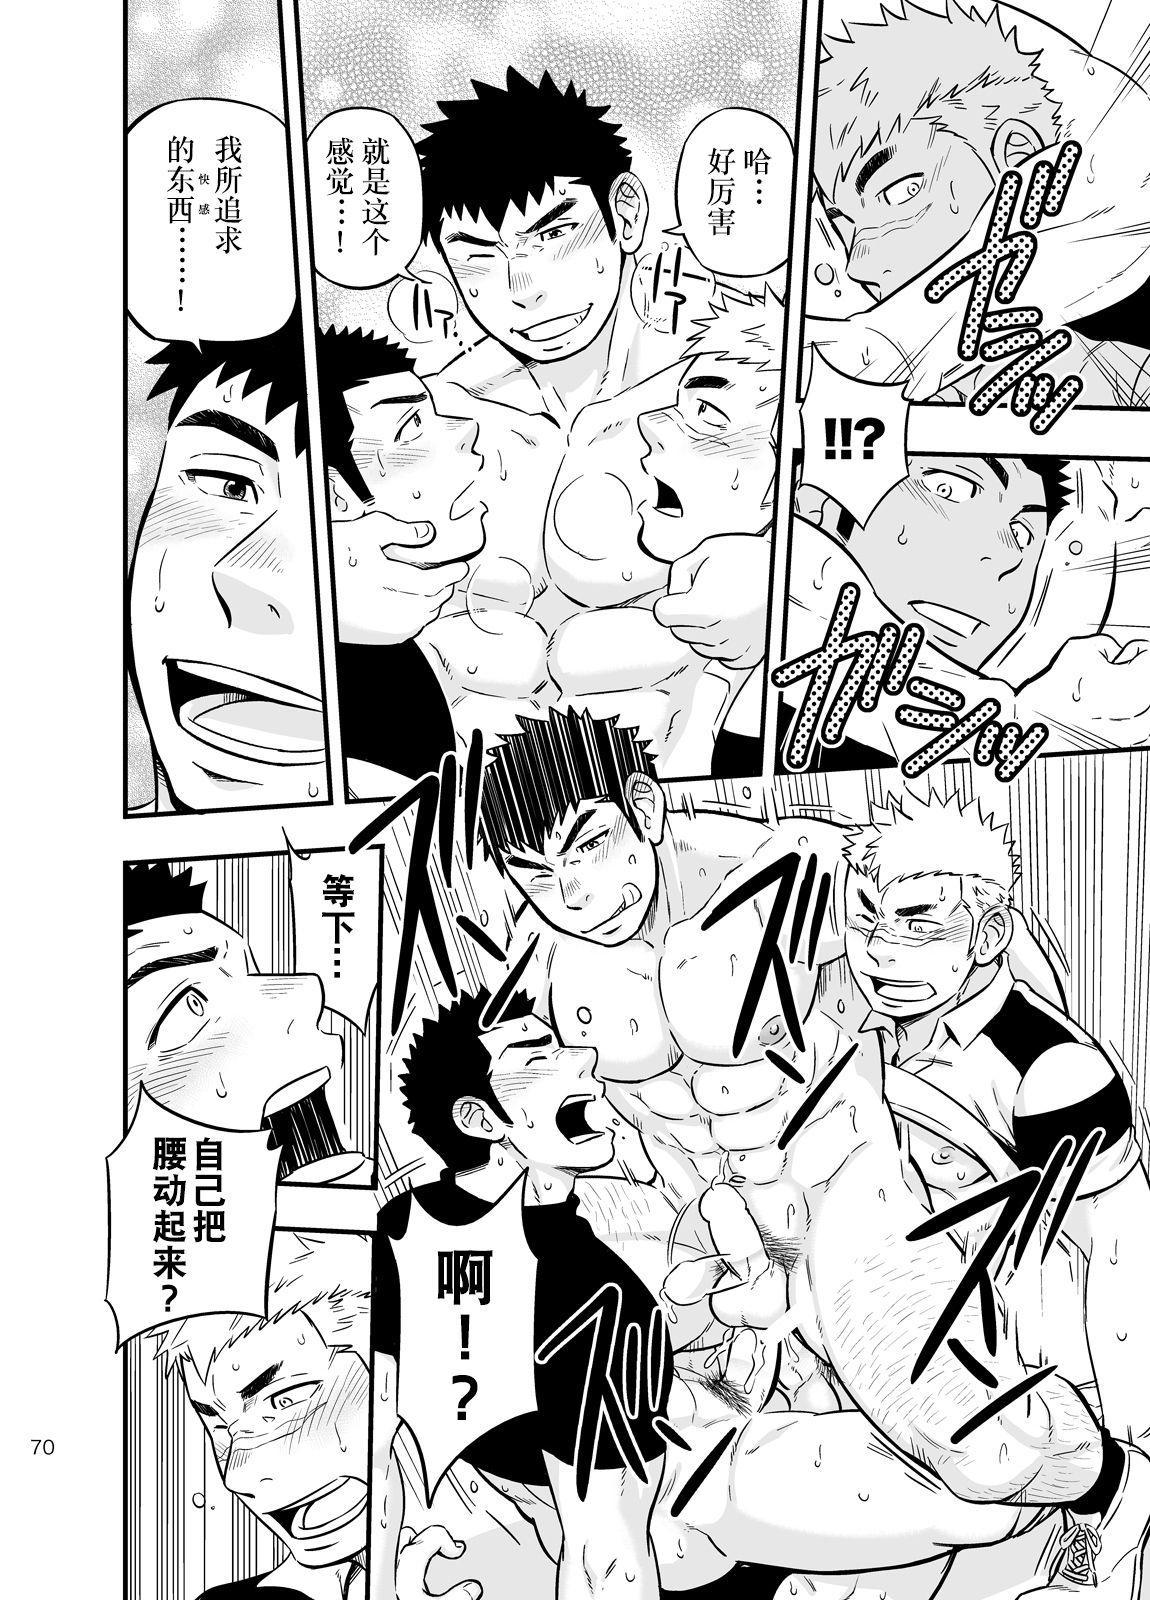 Moshimo Danshikou no Hoken Taiiku ga Jitsugi Ari Dattara 2 | 如果男校的保健体育课有实践环节的话 2 68